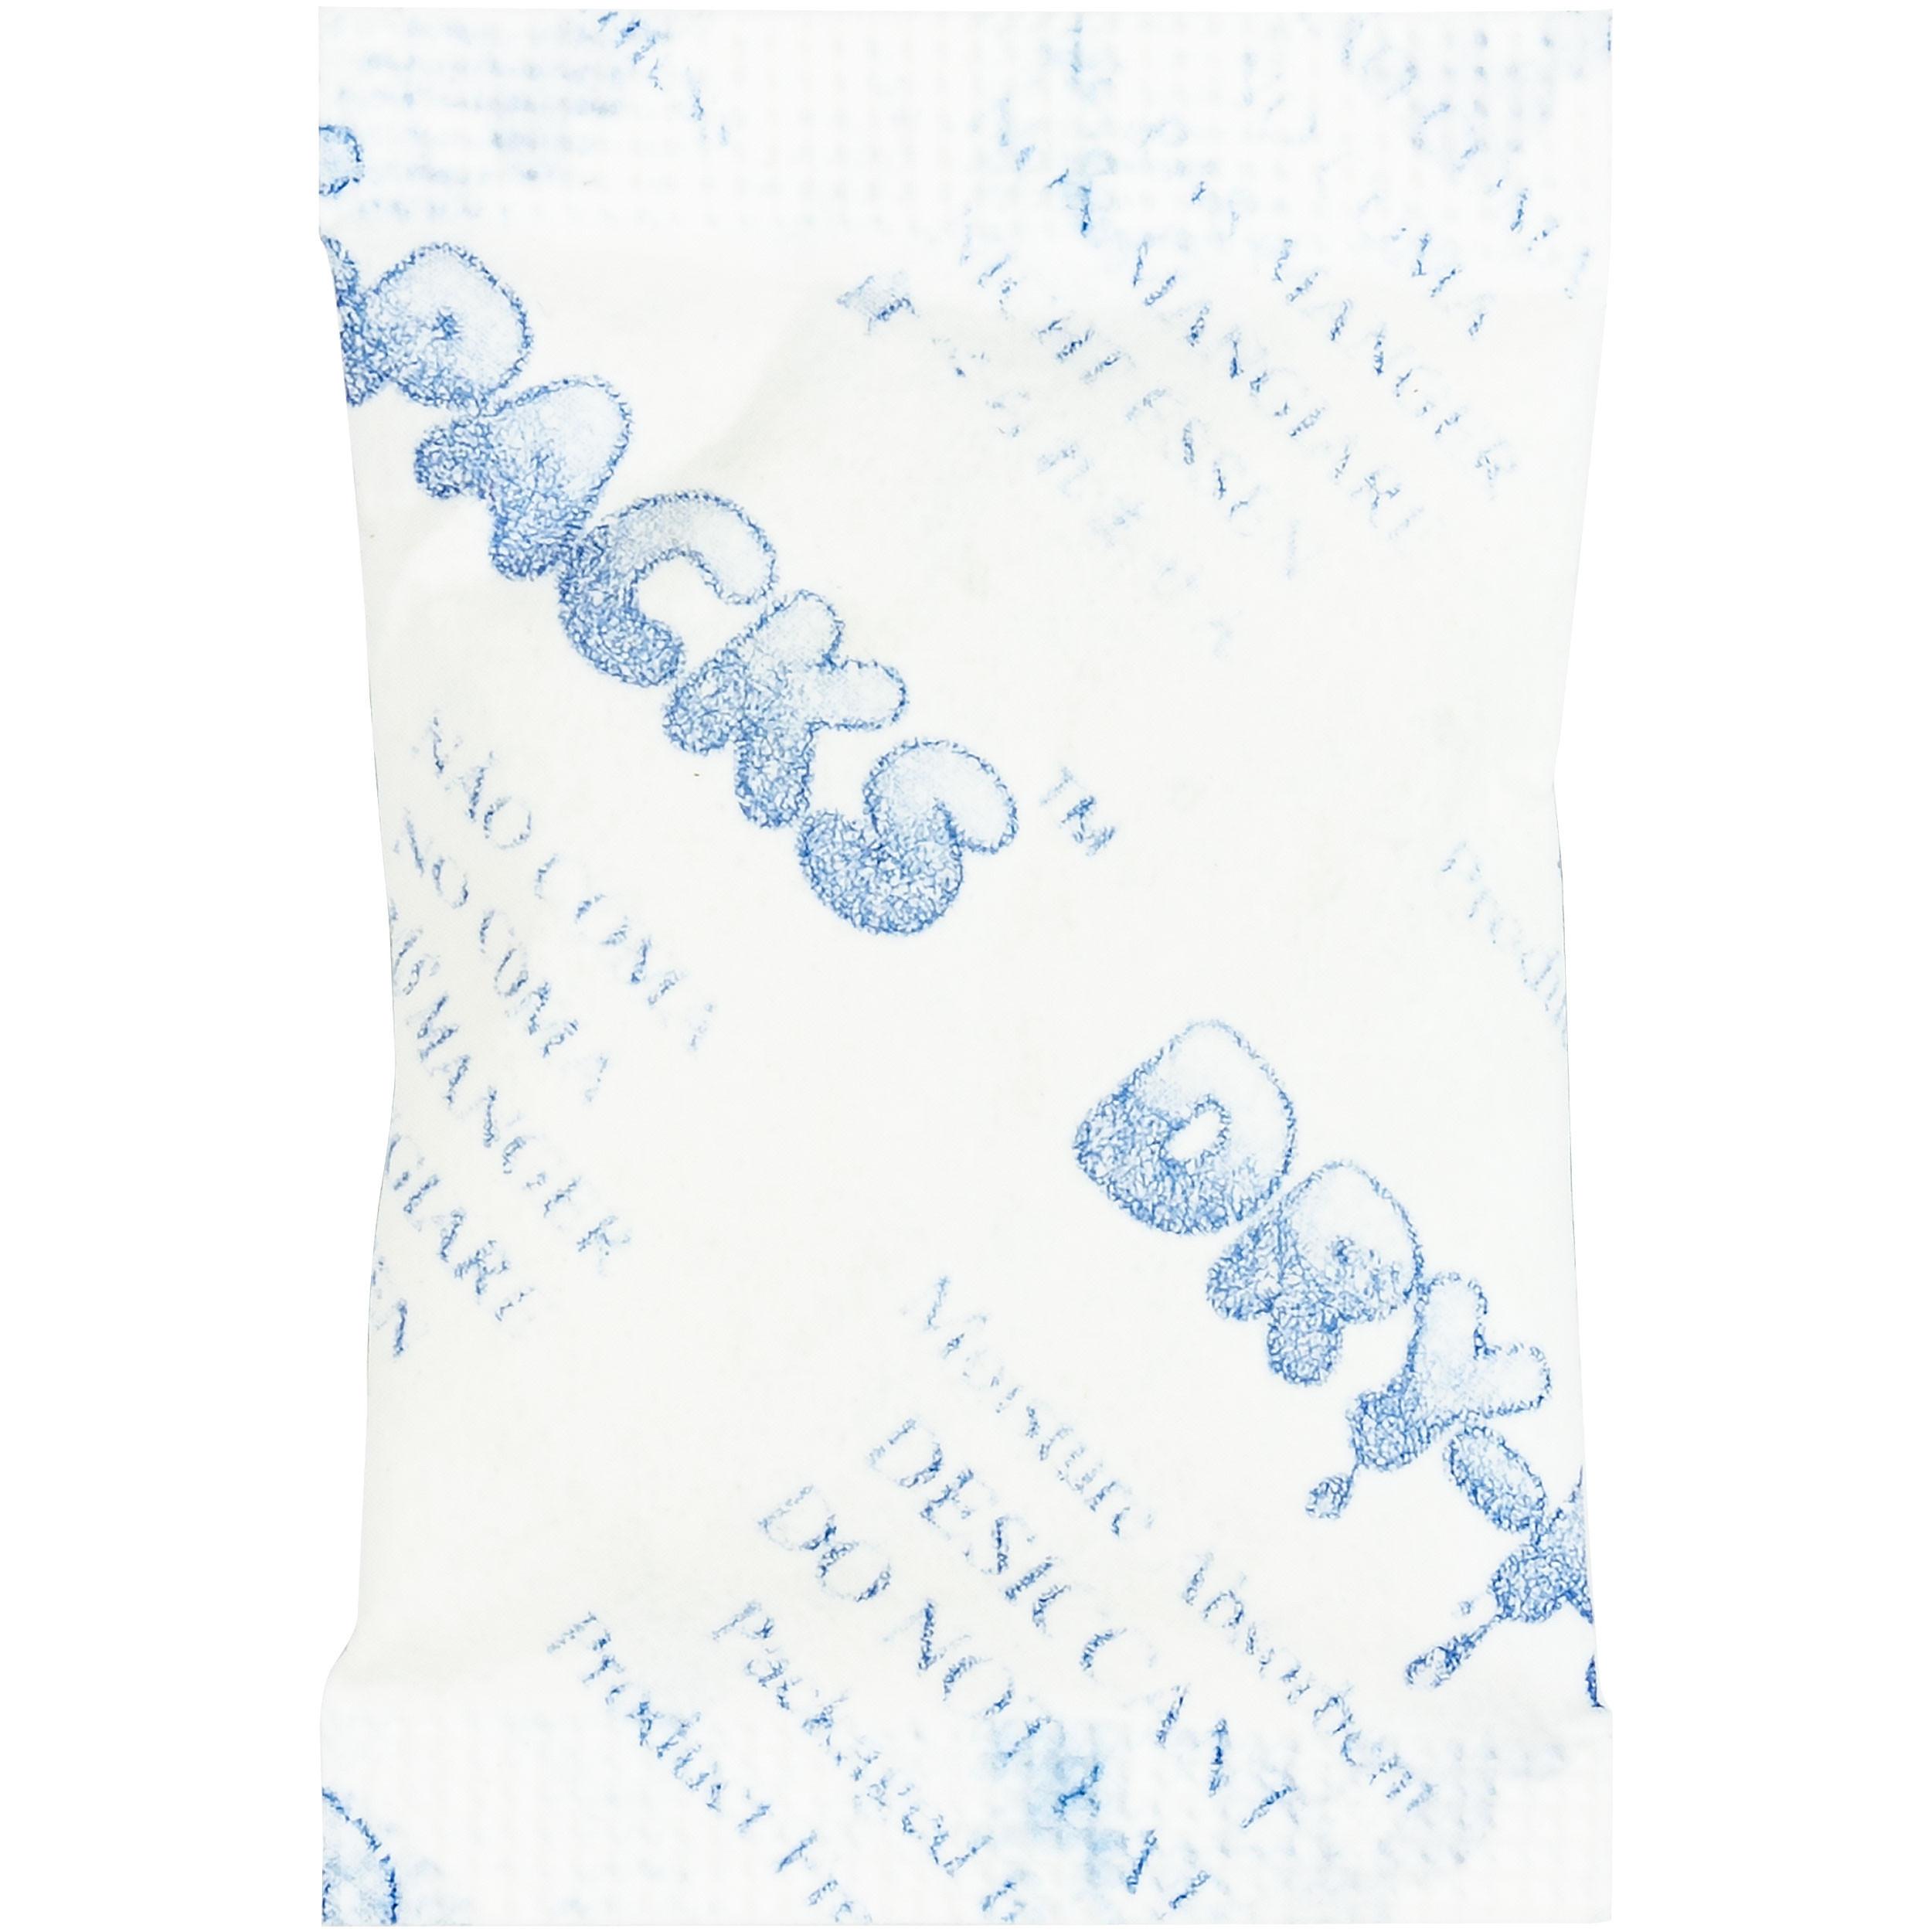 Dry-Packs Silica Gel (10 Pack), 3g